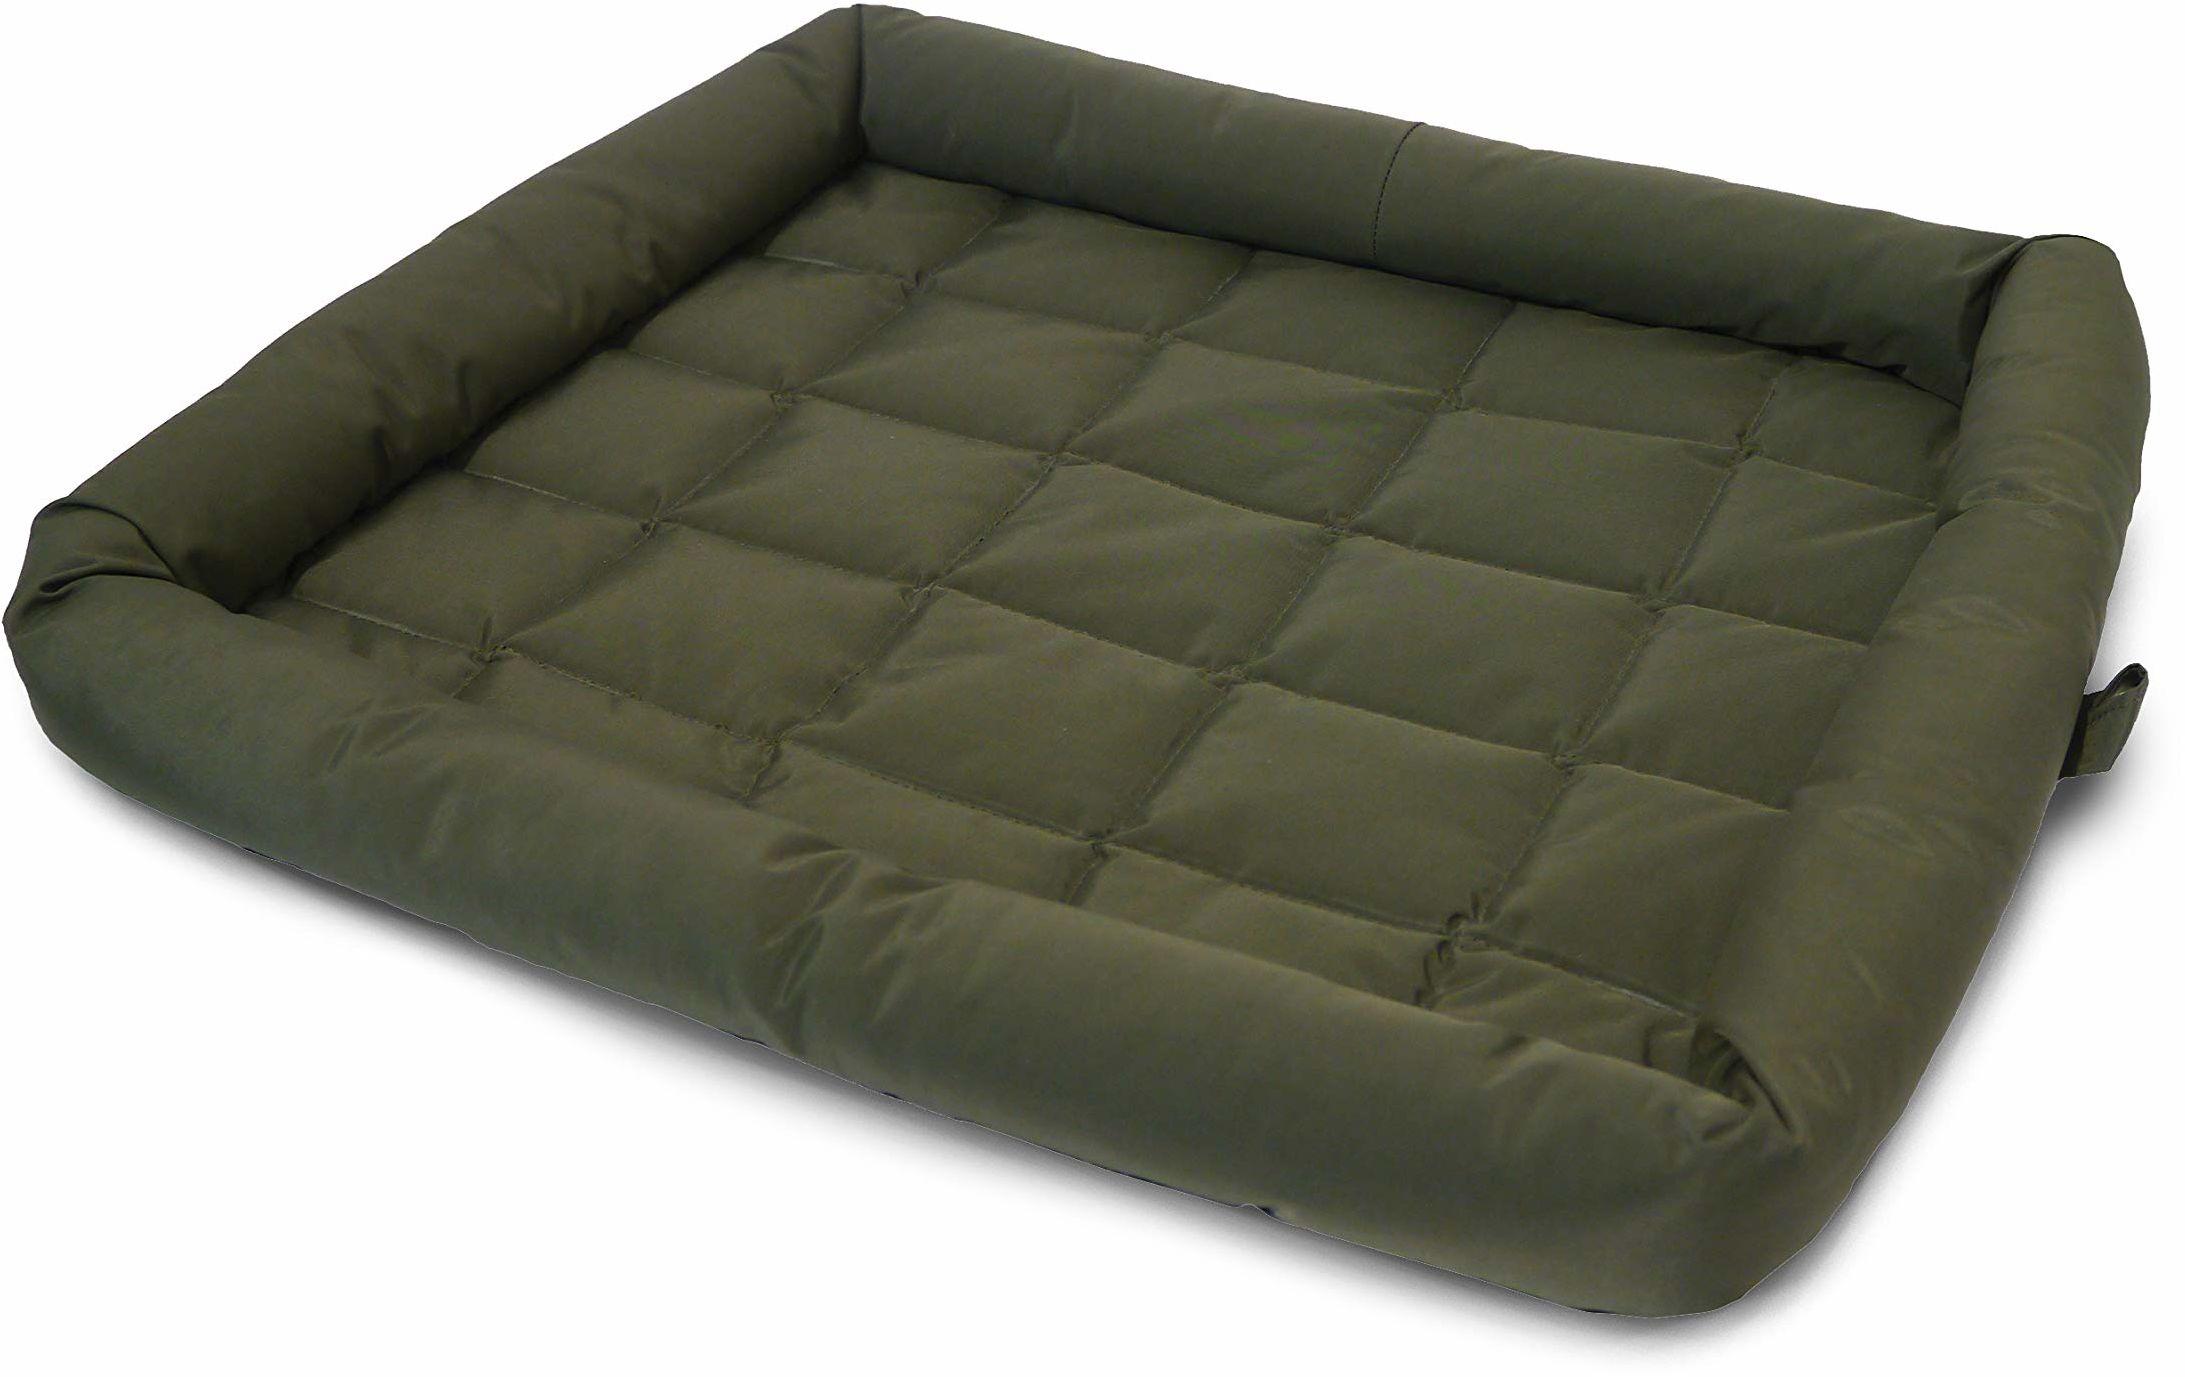 Palisander wodoodporny materac klatki dla psów, zmywalny pikowany materac dla psów, średni zielony materac klatki 22 x 30 cali (56 x 76 cm)